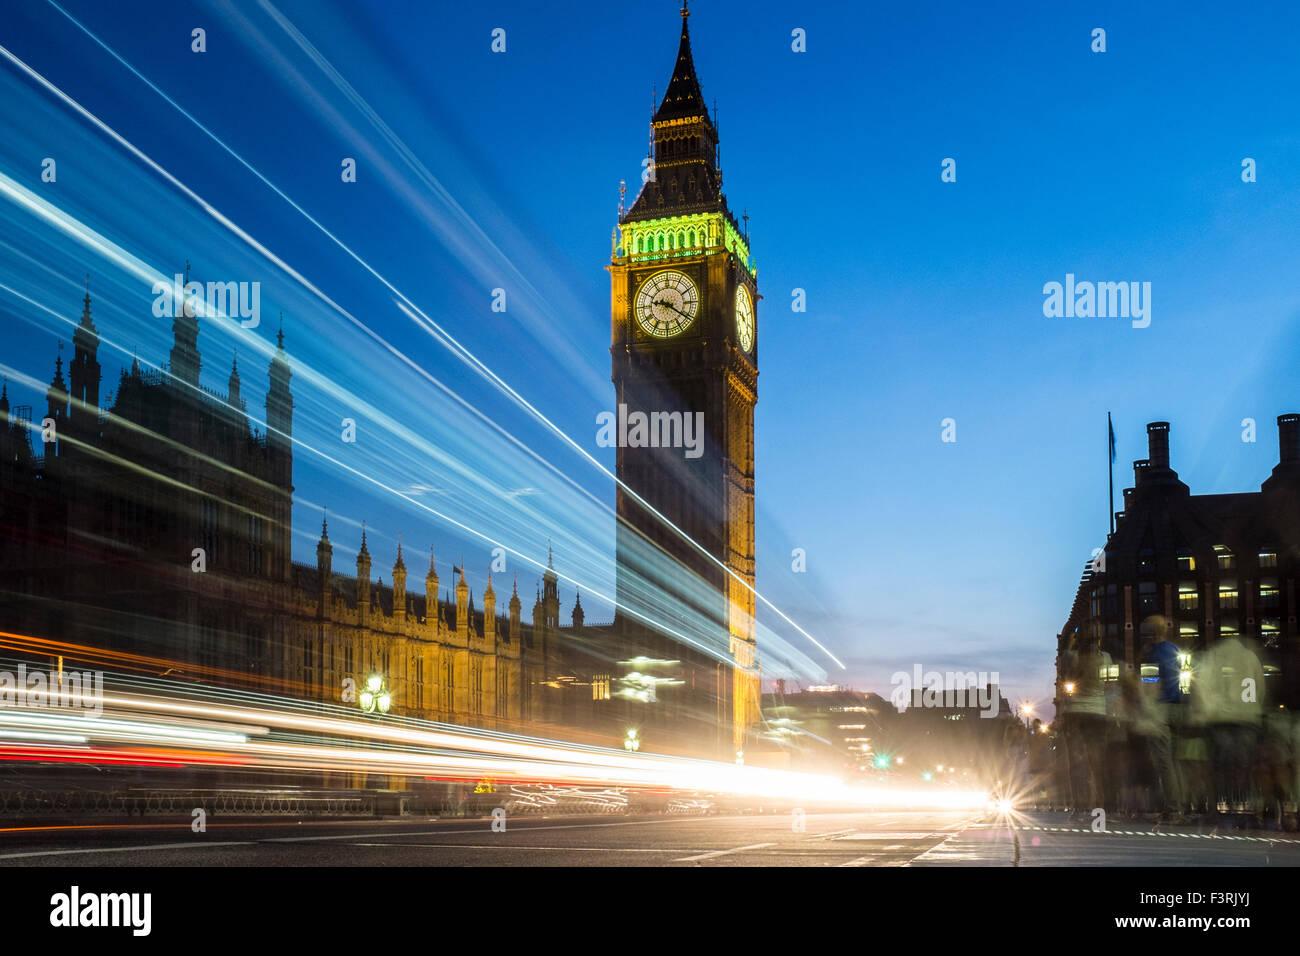 El Big Ben y el Palacio de Westminster, Londres, Reino Unido. Imagen De Stock